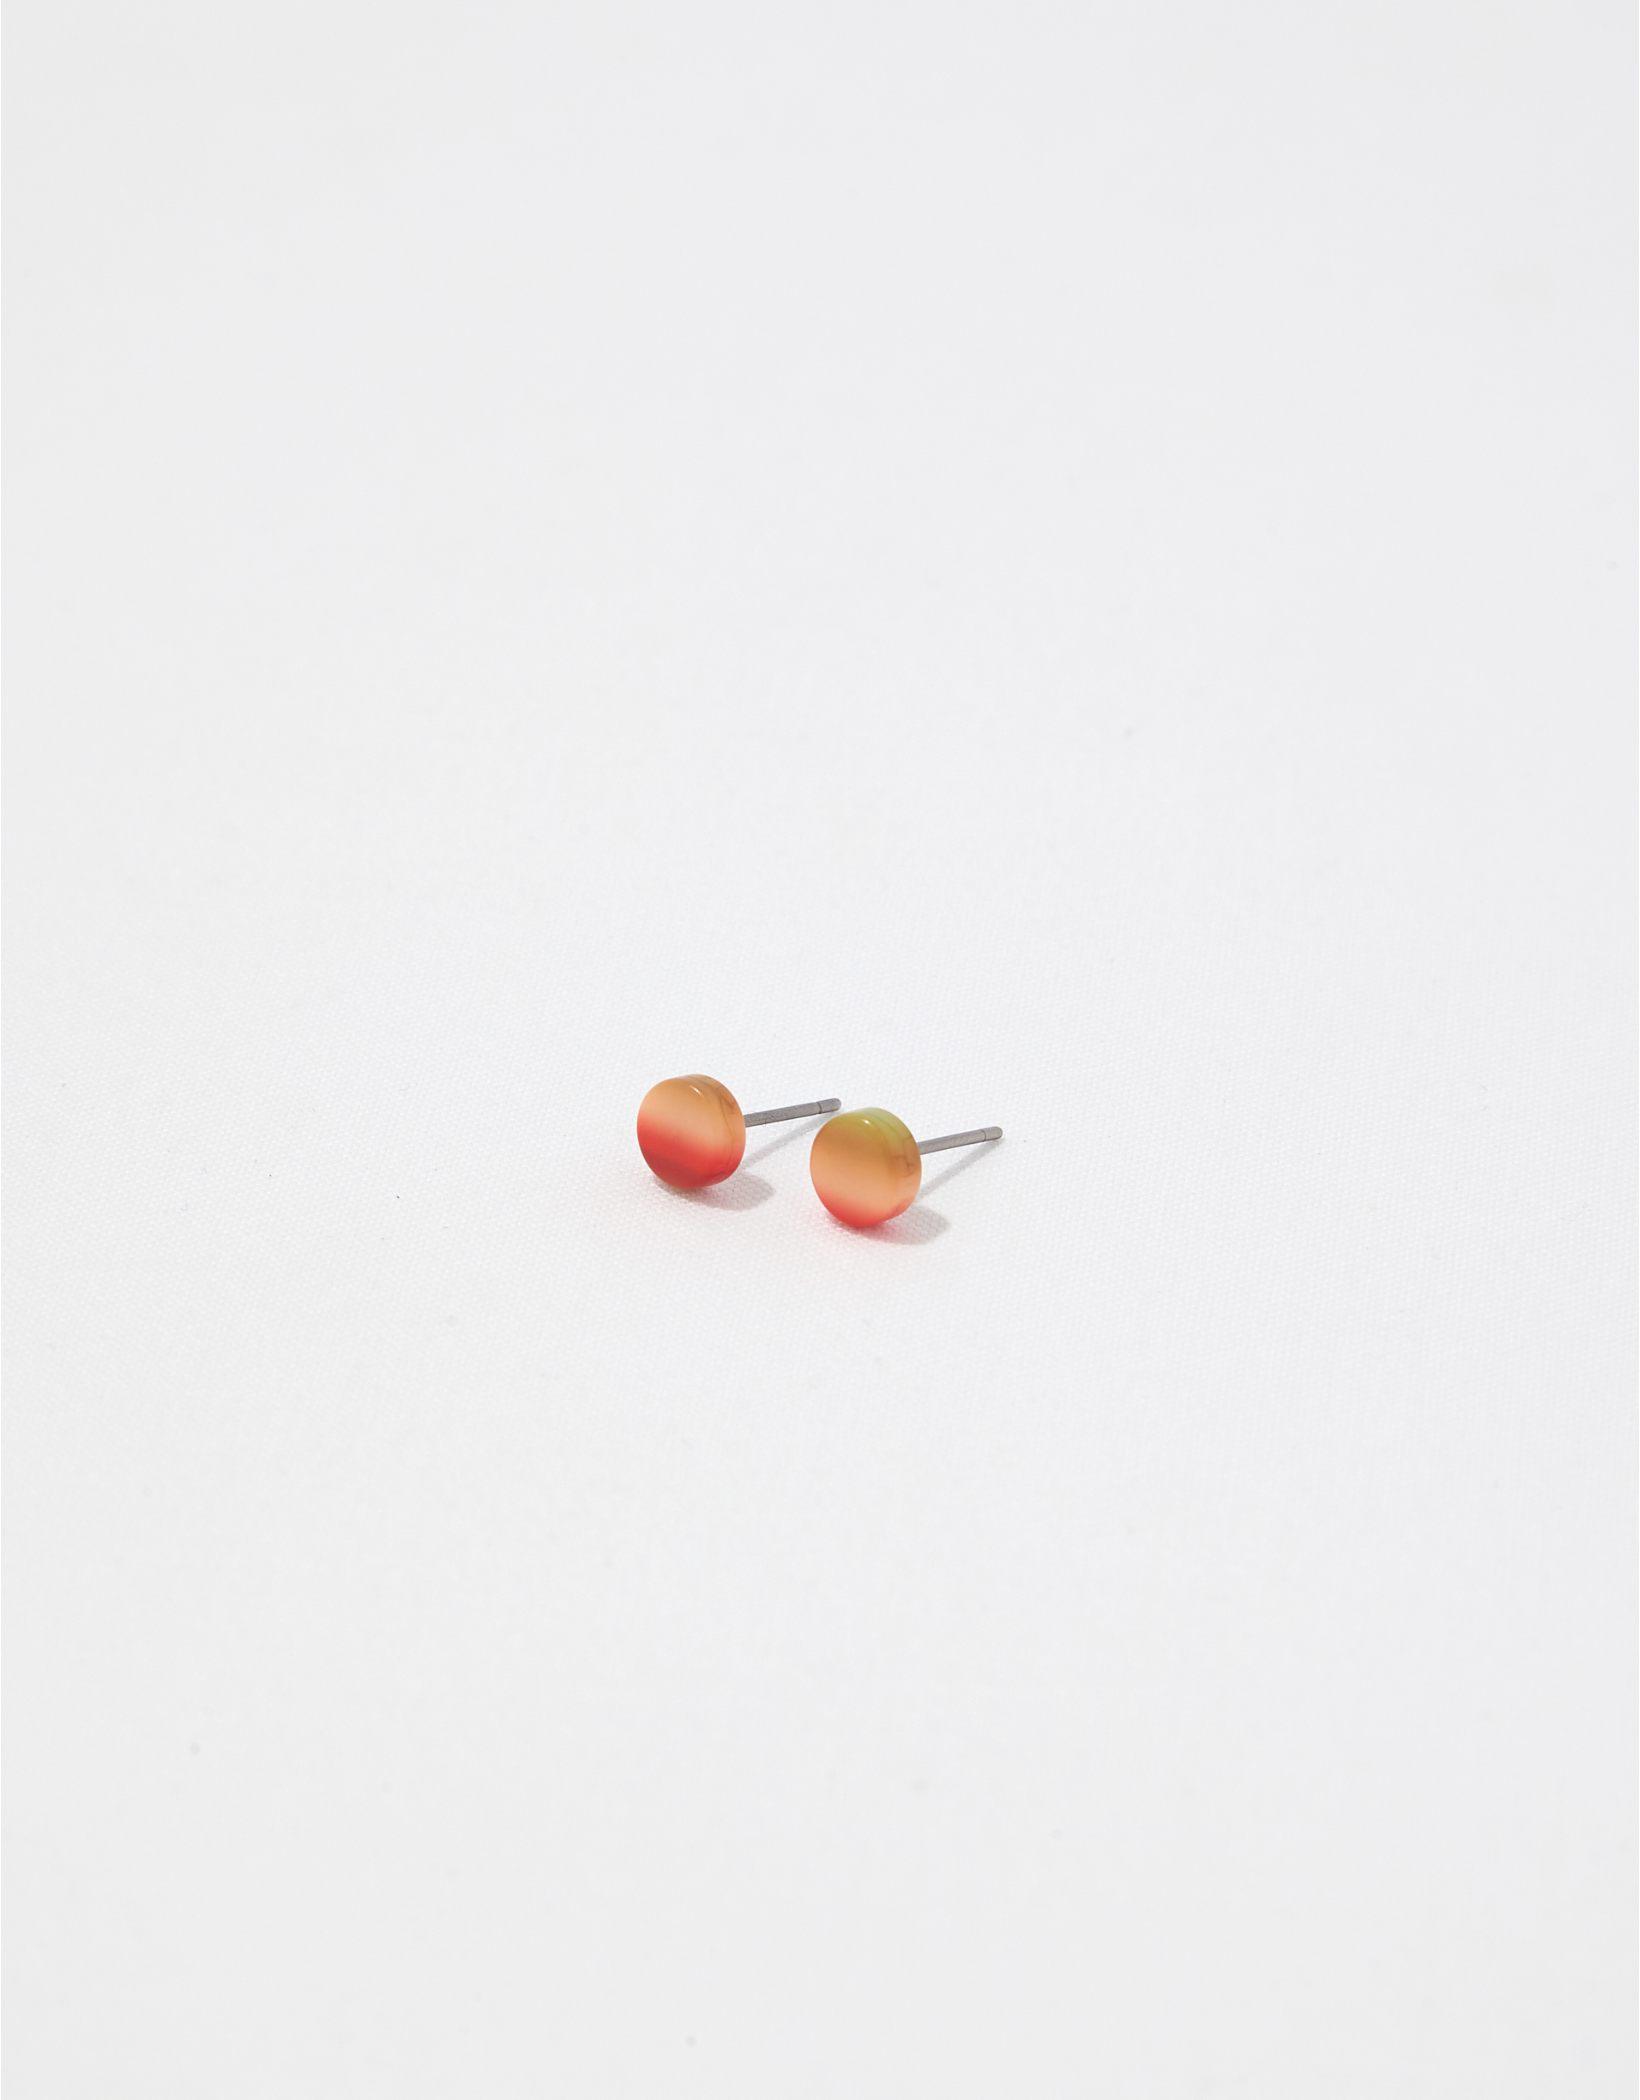 Aerie Resin Disk Stud Earrings